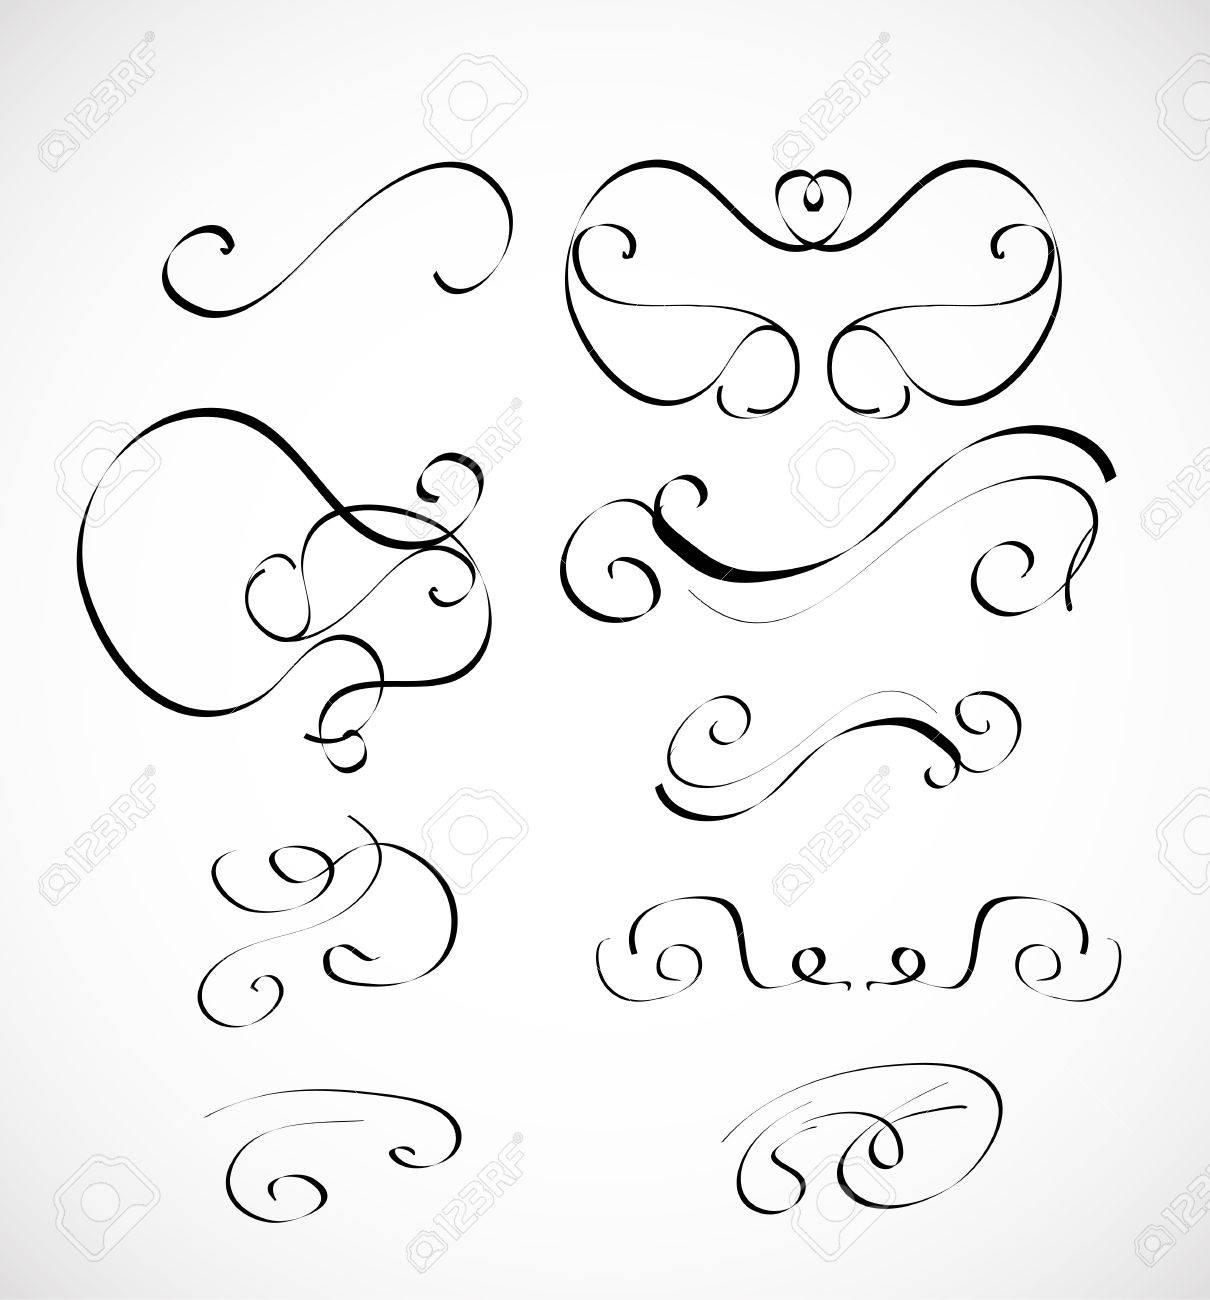 Vector set of calligraphic design elements Stock Vector - 16426022